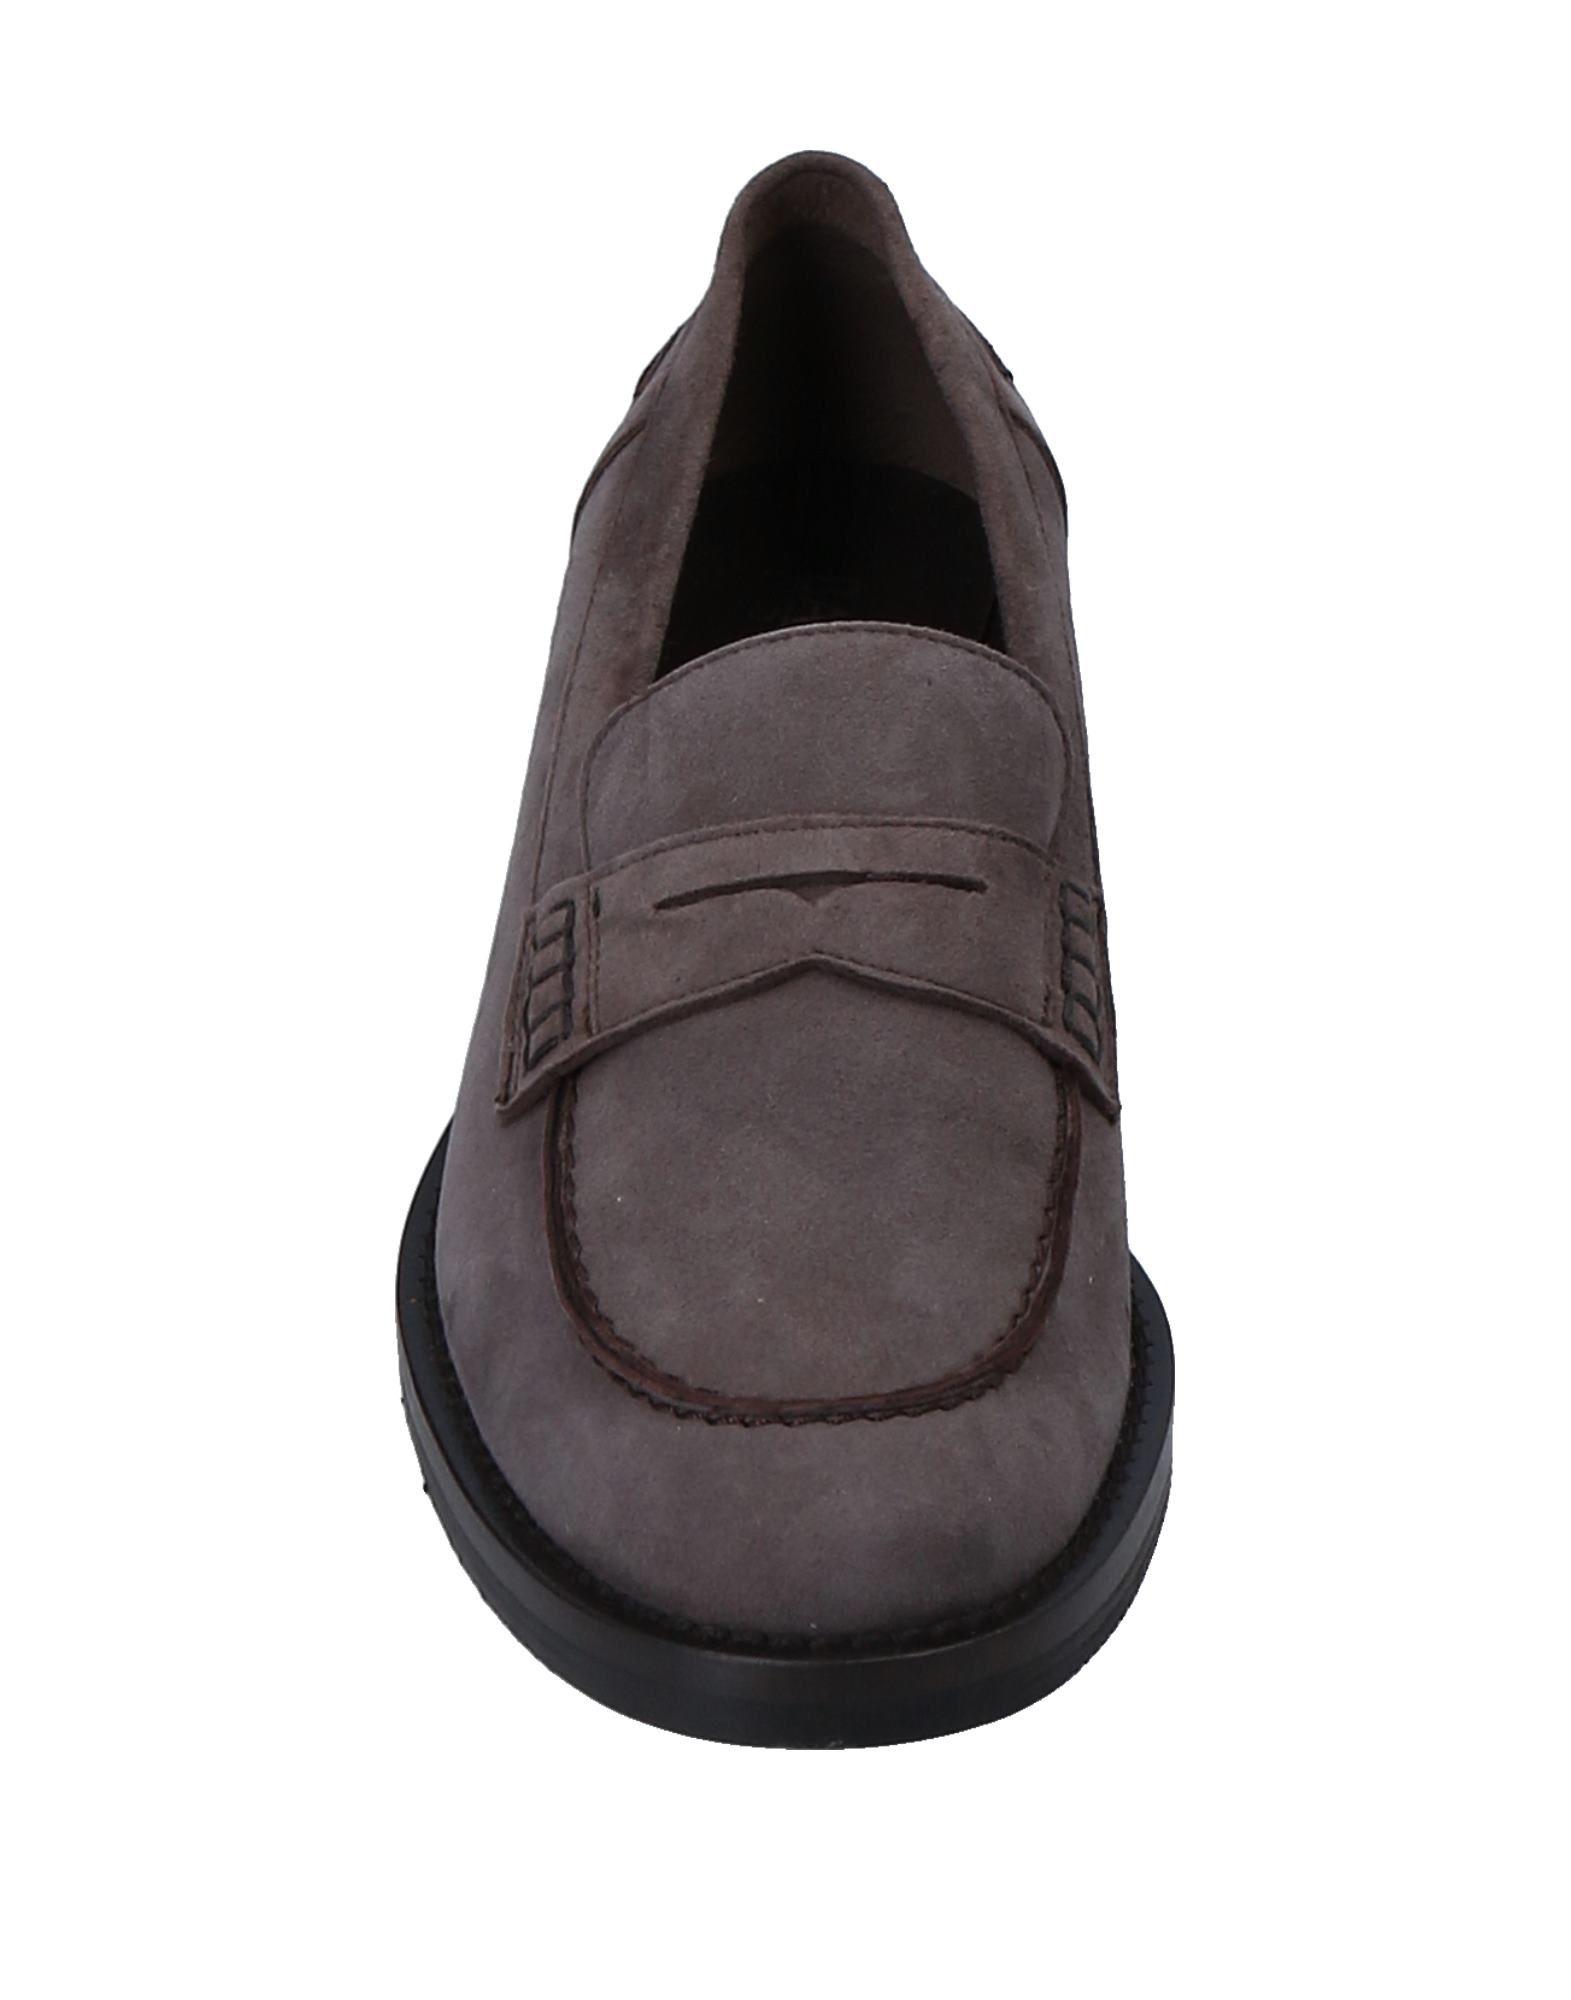 Barracuda's Collection Gute Mokassins Damen  11557535QB Gute Collection Qualität beliebte Schuhe 0a9067